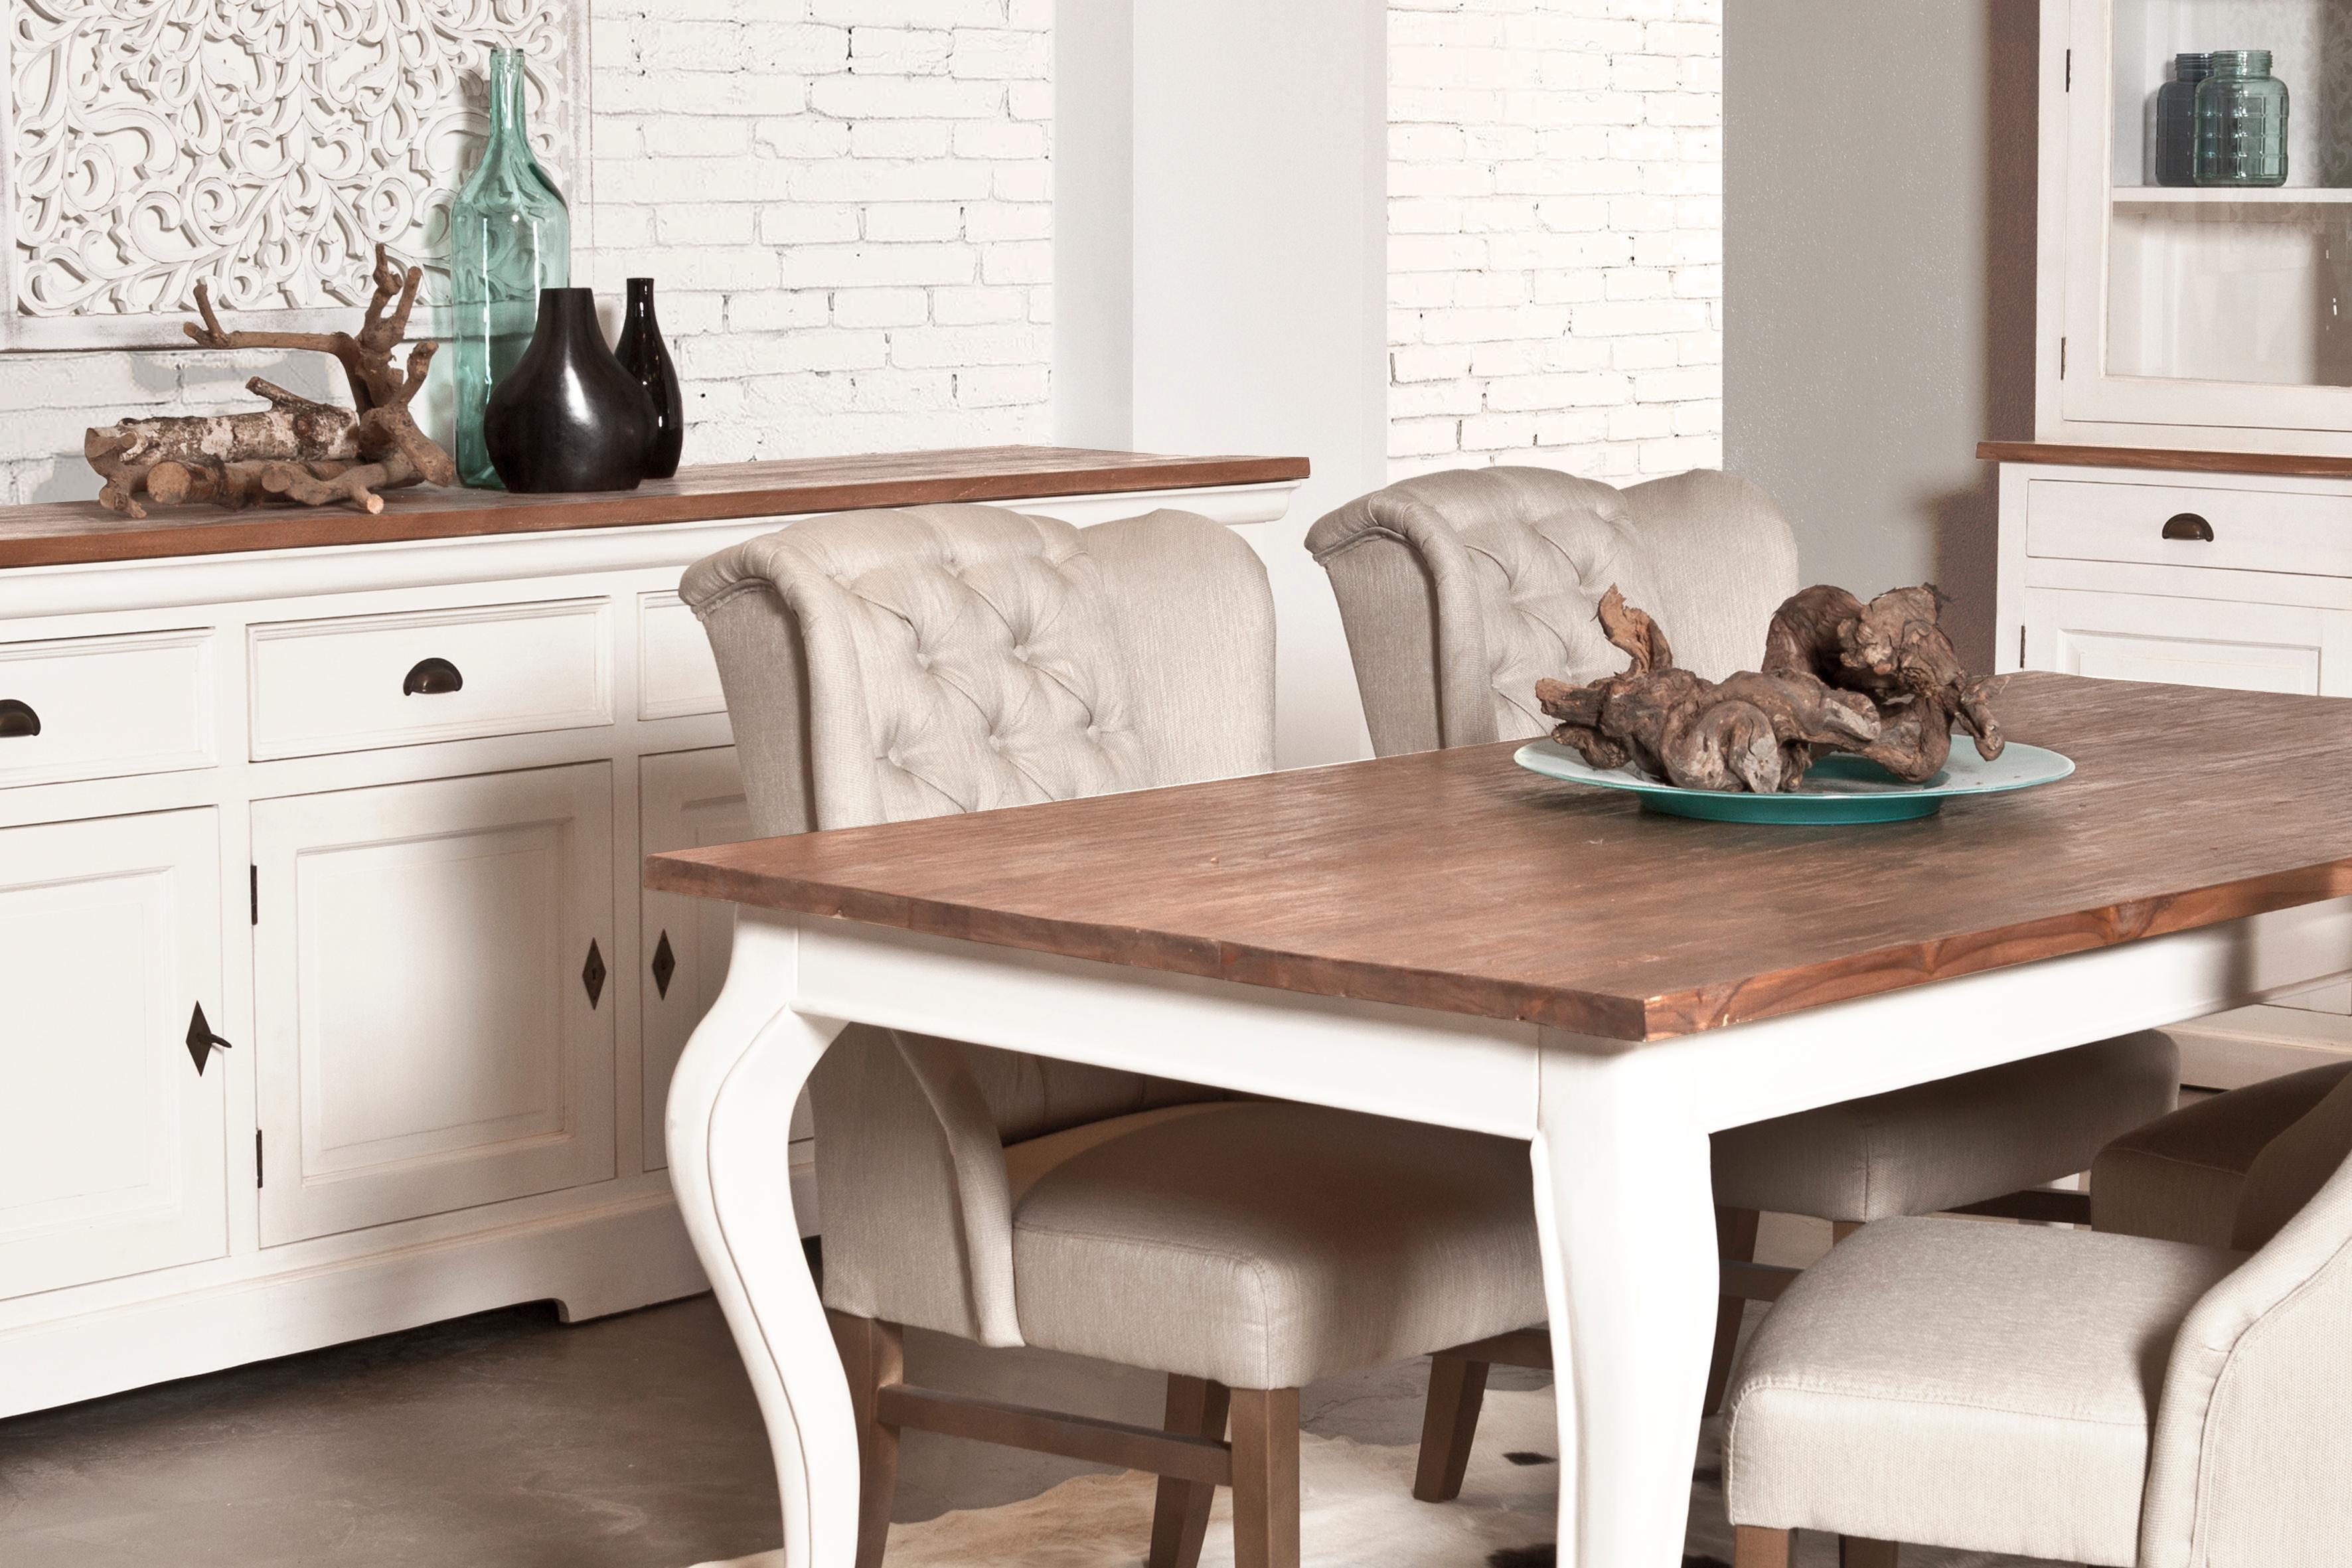 Esszimmer ideen landhaus  Möbel im Landhausstil • Bilder & Ideen • COUCHstyle